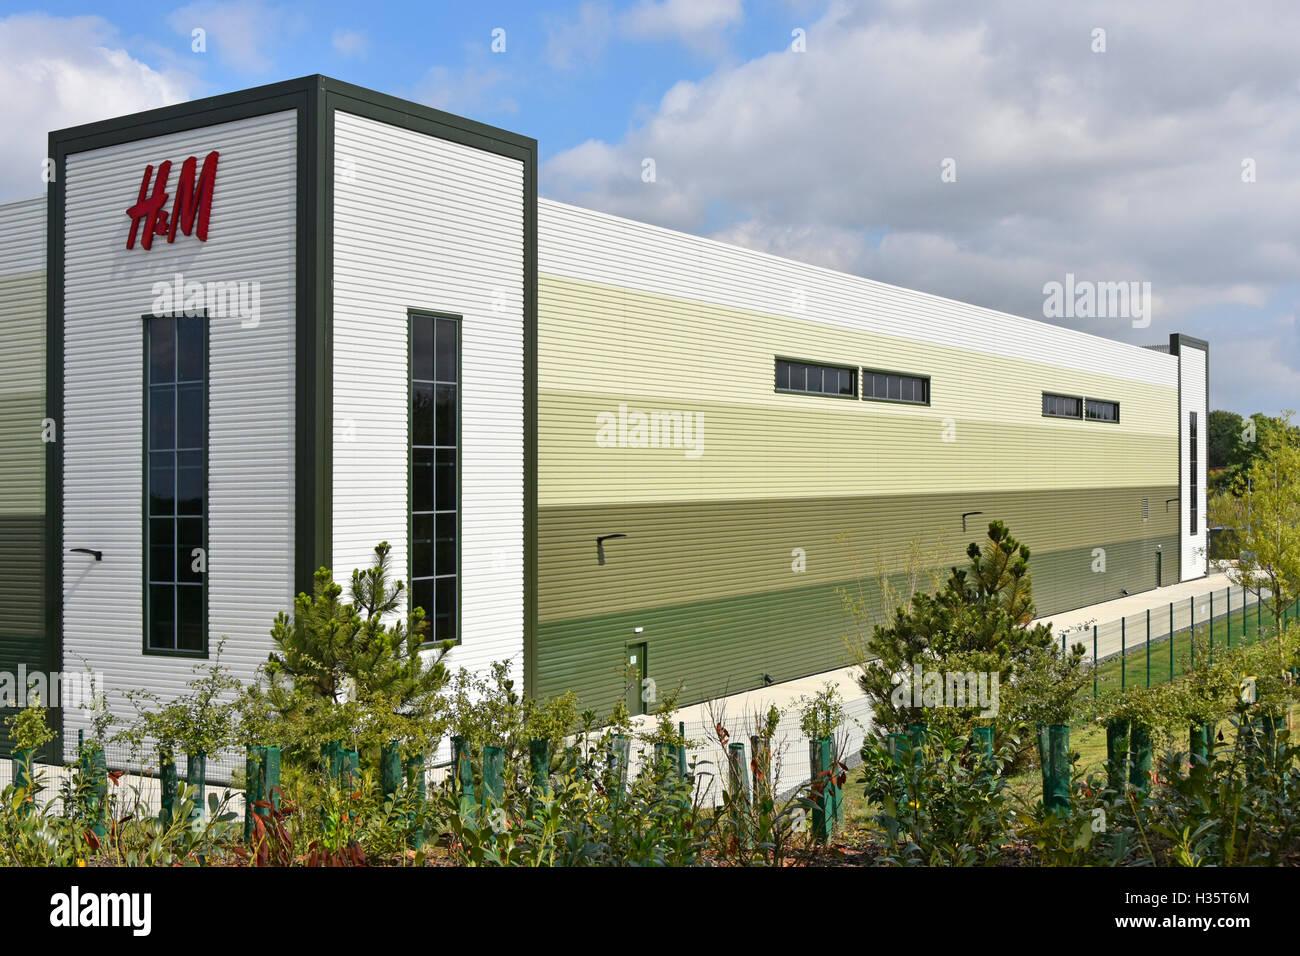 Nouvelle entreprise de vêtements H&M sur l'entrepôt de distribution Rugby Gateway Development Photo Stock